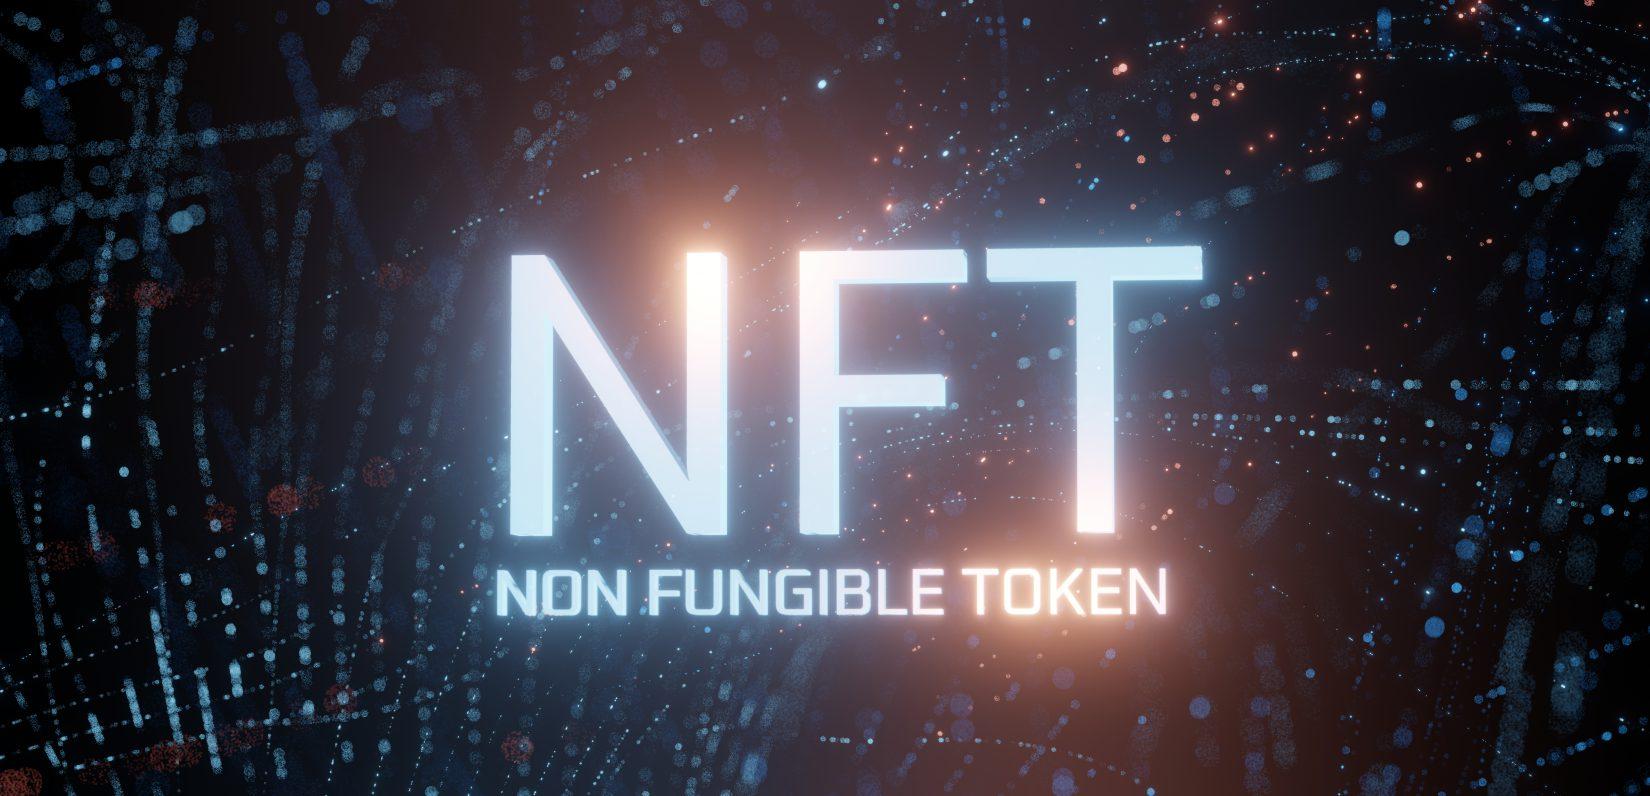 NFT Non Fungible Token Schriftzug leuchtend